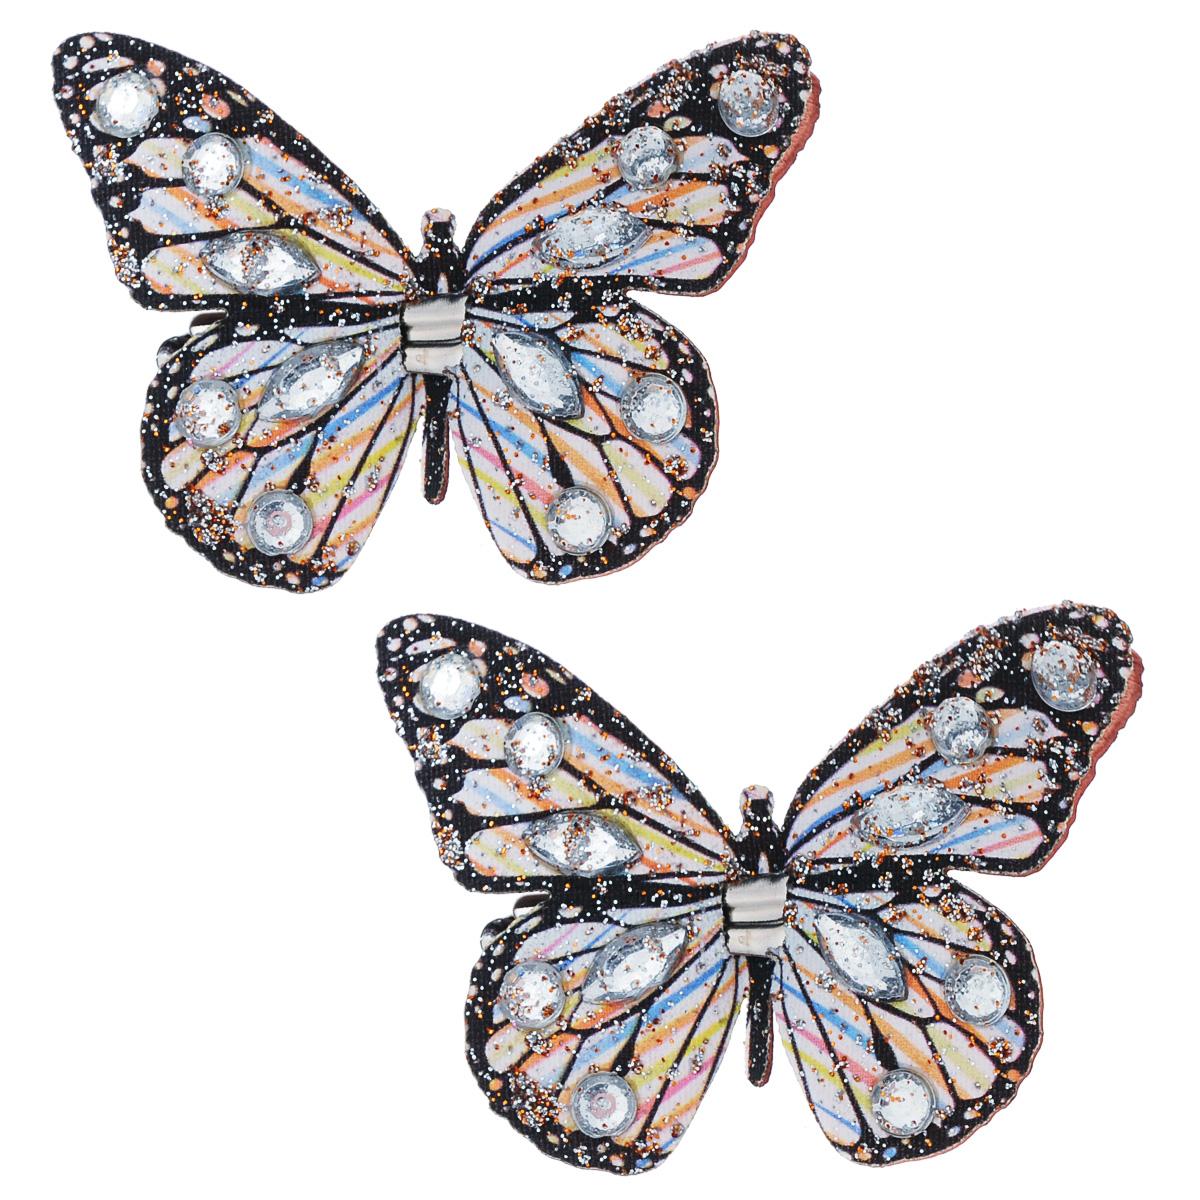 Набор декоративных элементов Hobby Time Бабочки, 5 х 4 см, 2 шт. 77054967705496Набор декоративных элементов Hobby Time Бабочки, изготовленный из текстиля, предназначен для декорирования. Он может пригодиться в оформлении одежды, предметов интерьера, подарков, цветочных букетов, а также в скрапбукинге. В наборе - 2 элемента. Изделия выполнены в виде бабочек, декорированных оригинальным узором и стразами. С оборотной стороны бабочки оснащены металлическими клипсами.